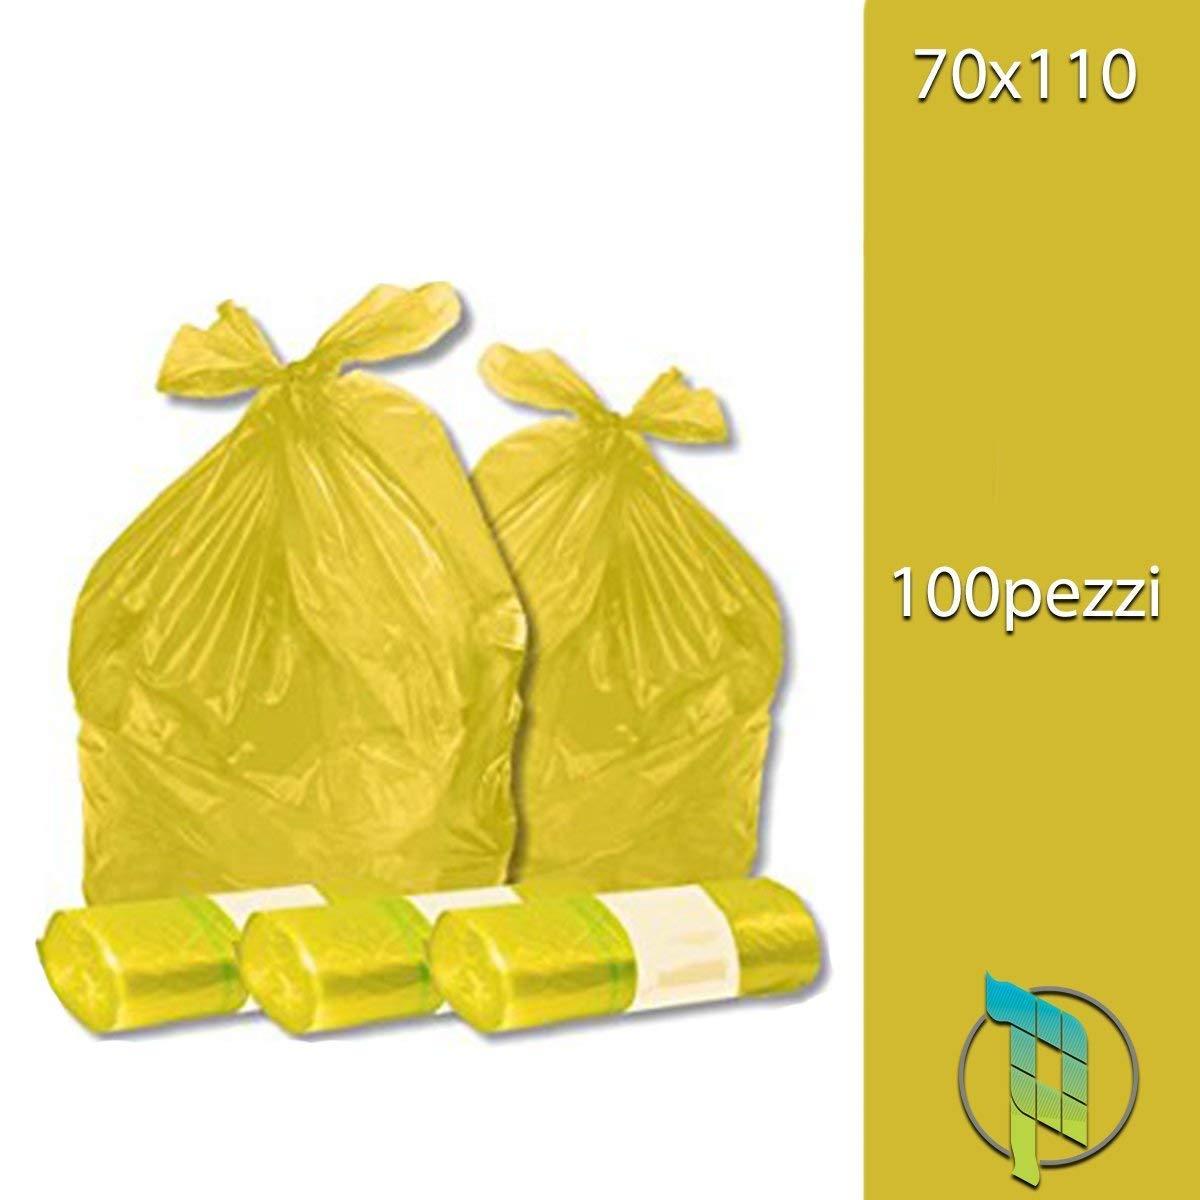 Palucart Sacchi spazzatura colore giallo cm 70x110 110 litri 100 pezzi